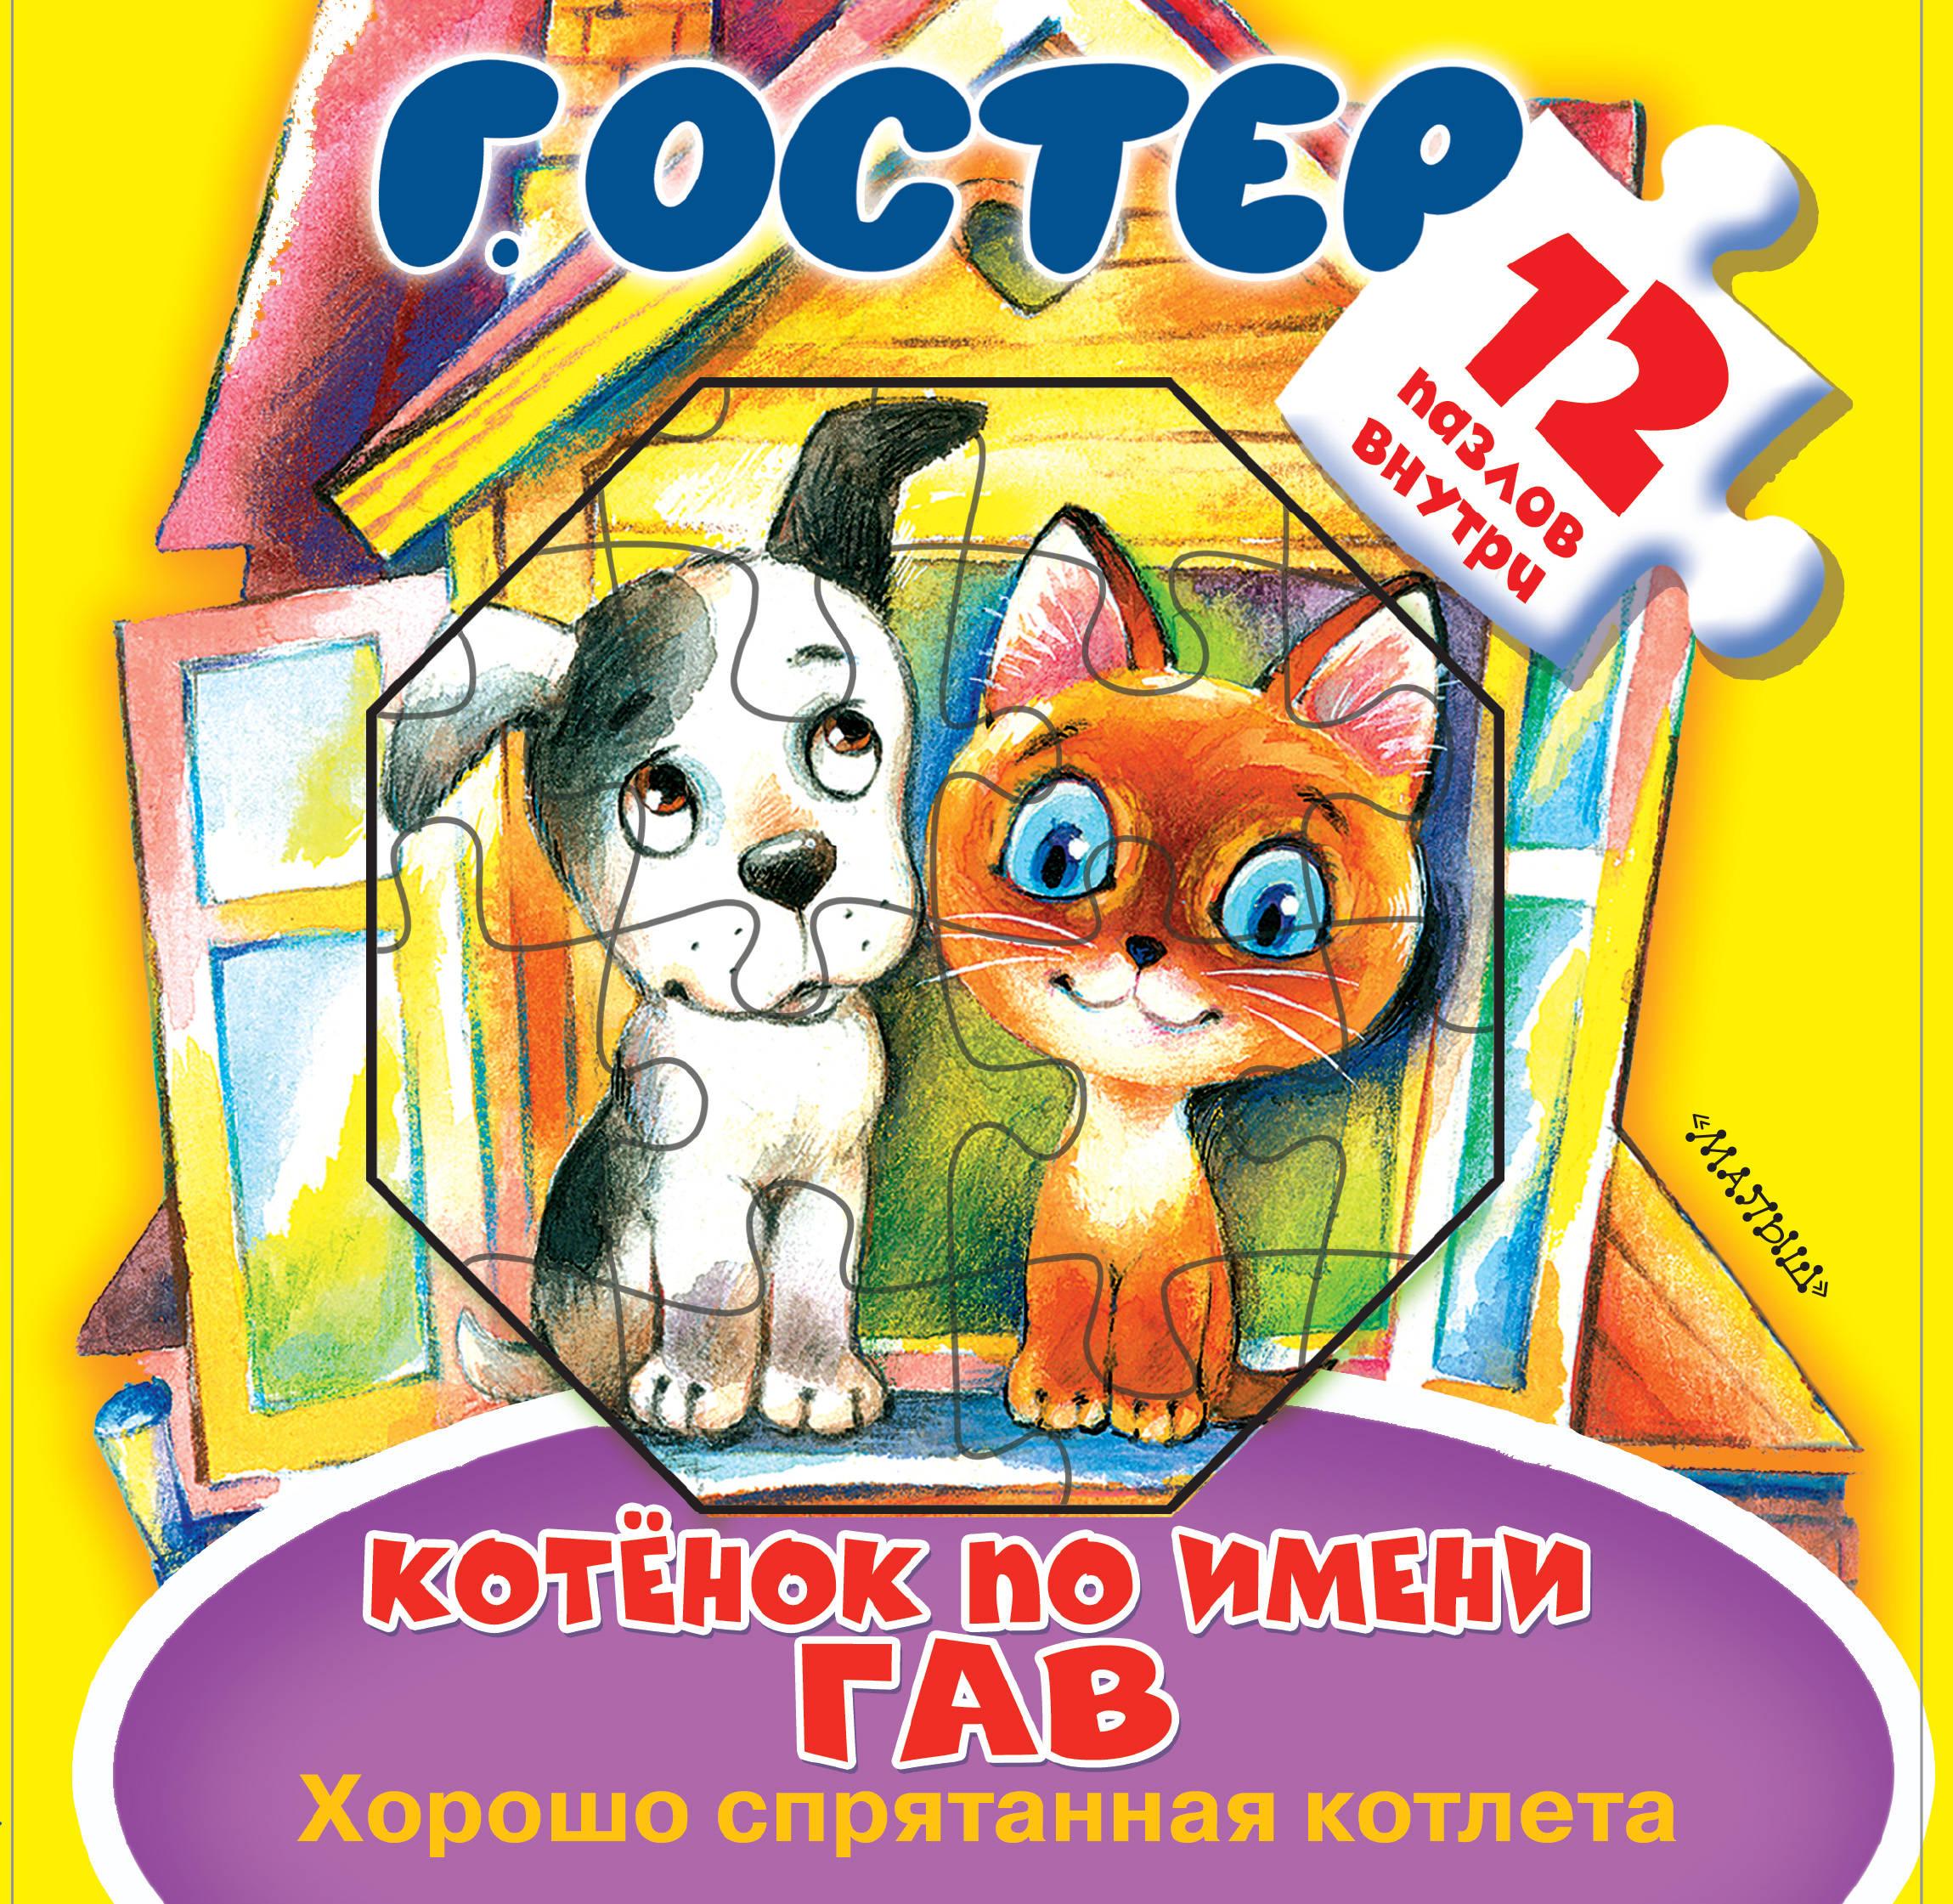 Г. Остер Котёнок по имени Гав. Хорошо спрятанная котлета остер г б котенок по имени гав хорошо спрятанная котлета page 8